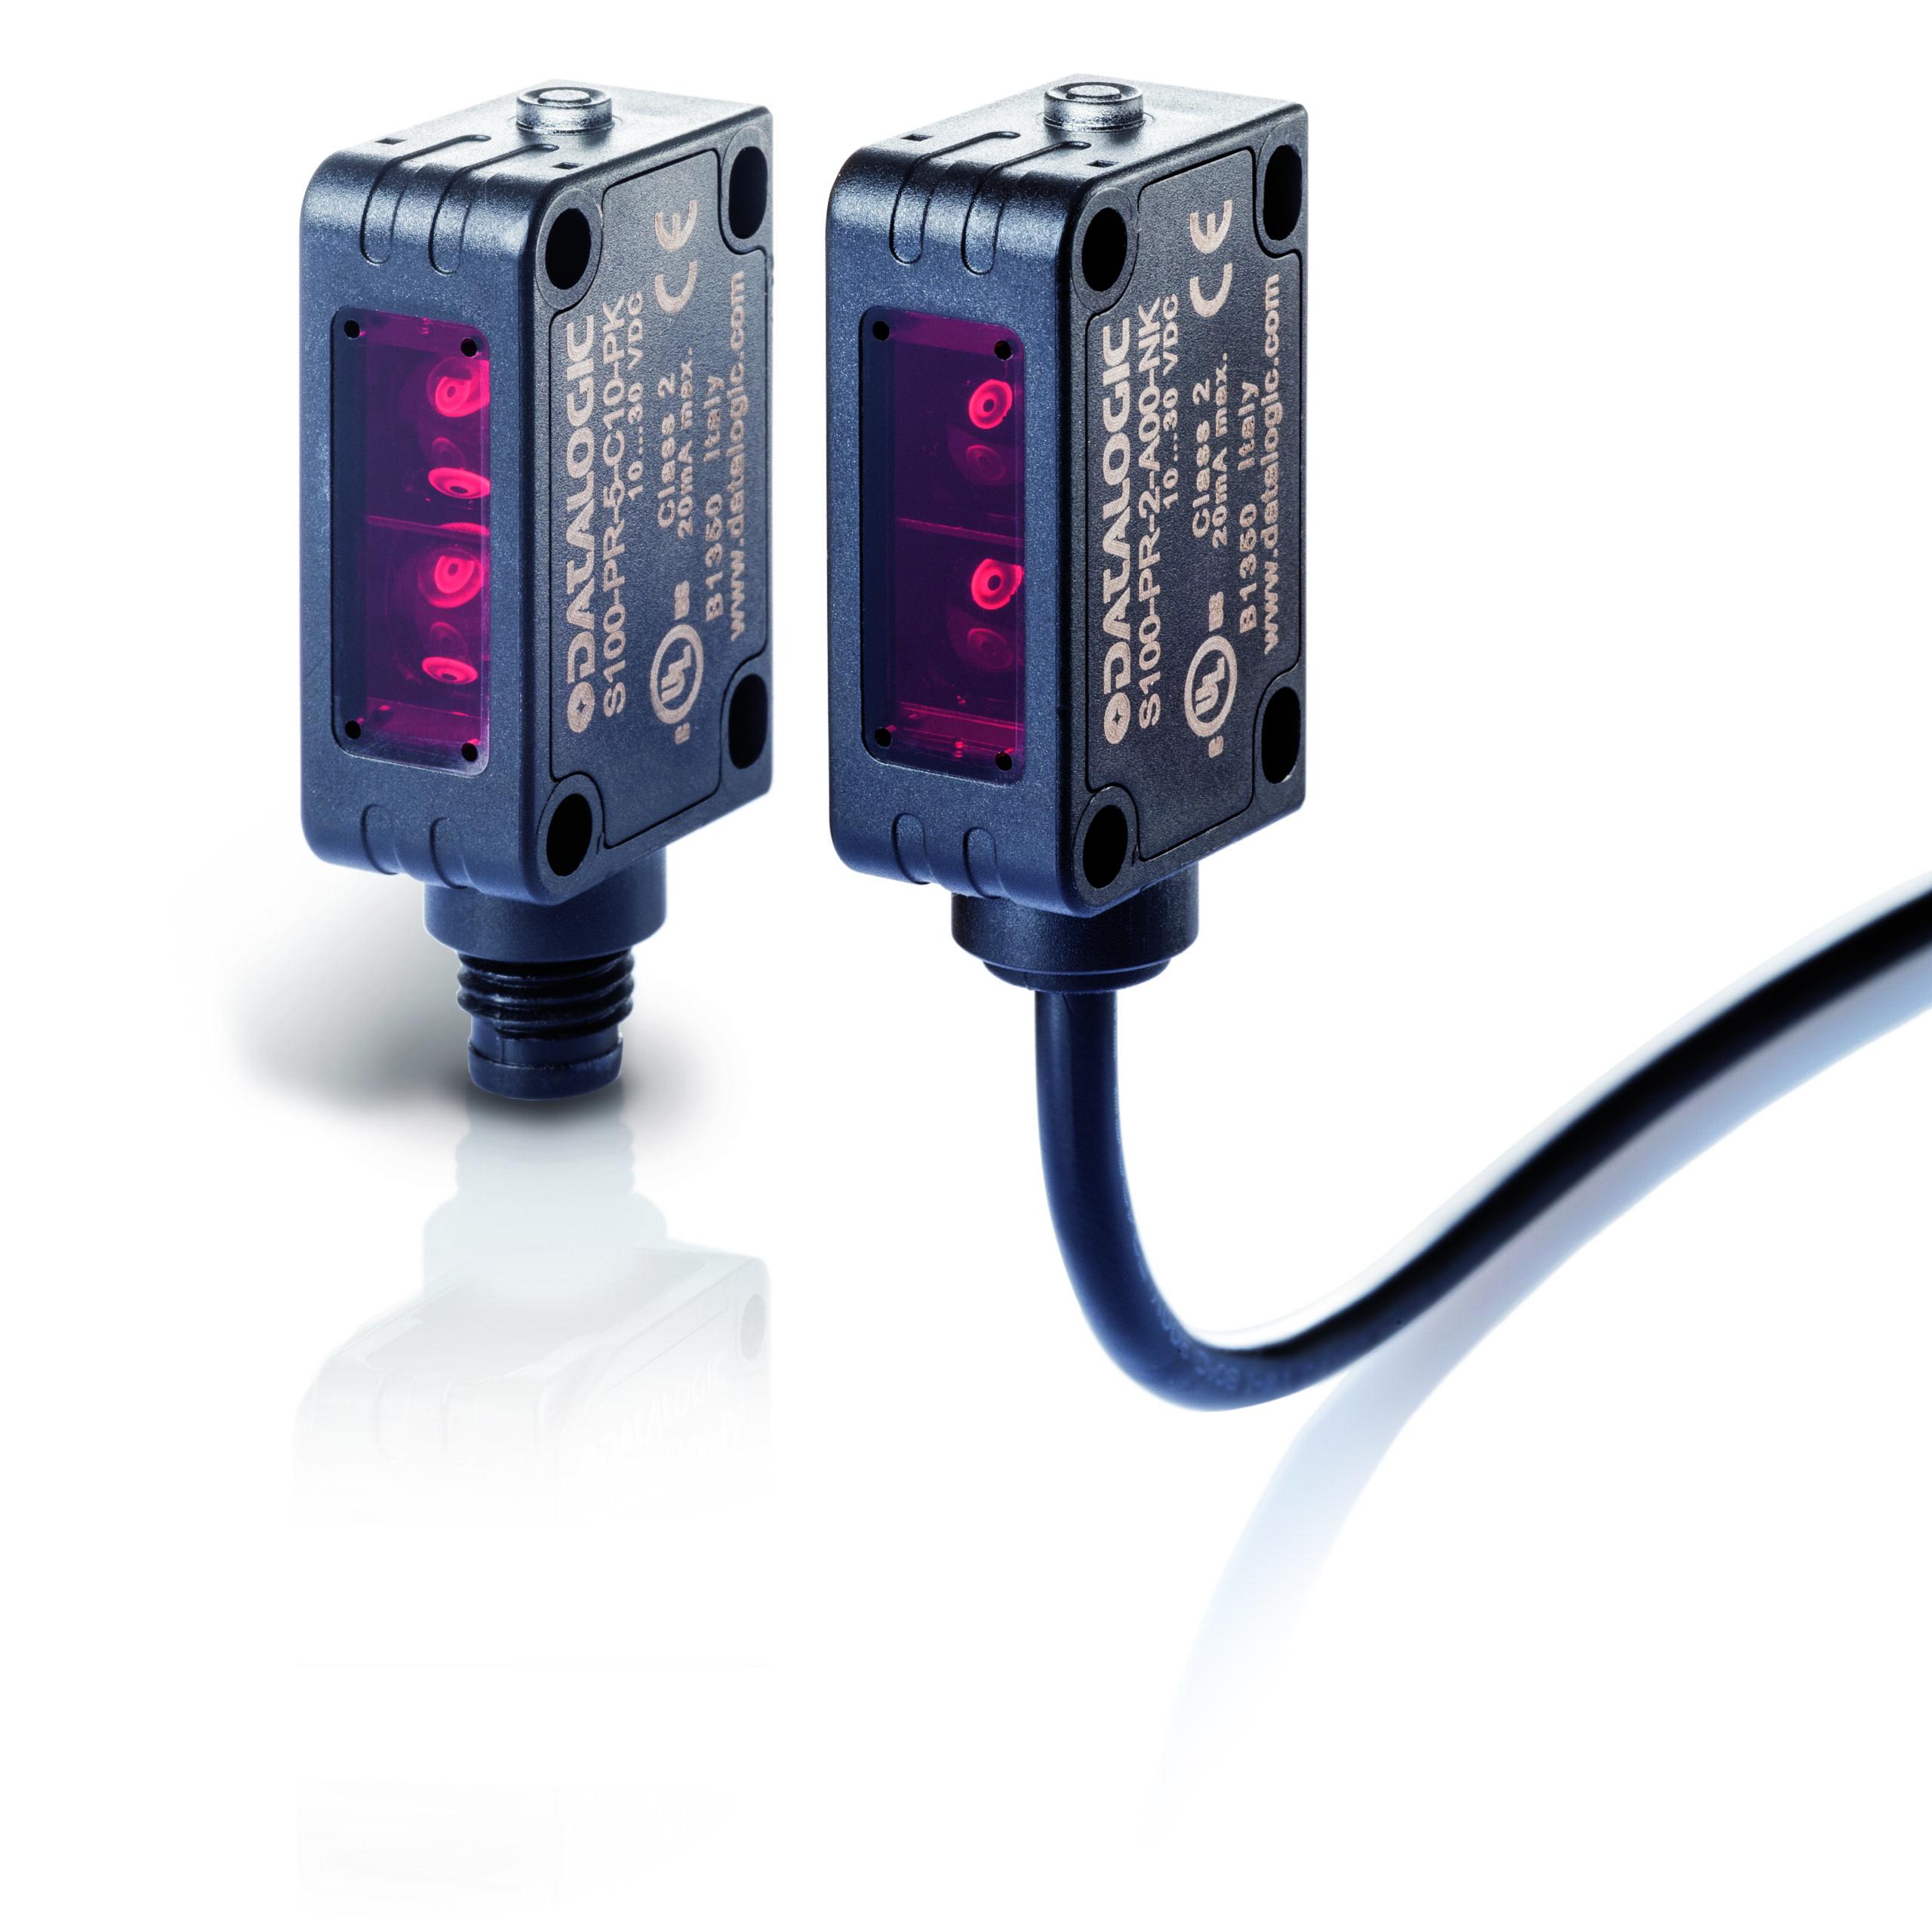 S100-PR-2-FG00-PK Datalogic – czujnik optyczny, bariera, zasięg 12m, PNP, NO/NC, konektor M12/4pin